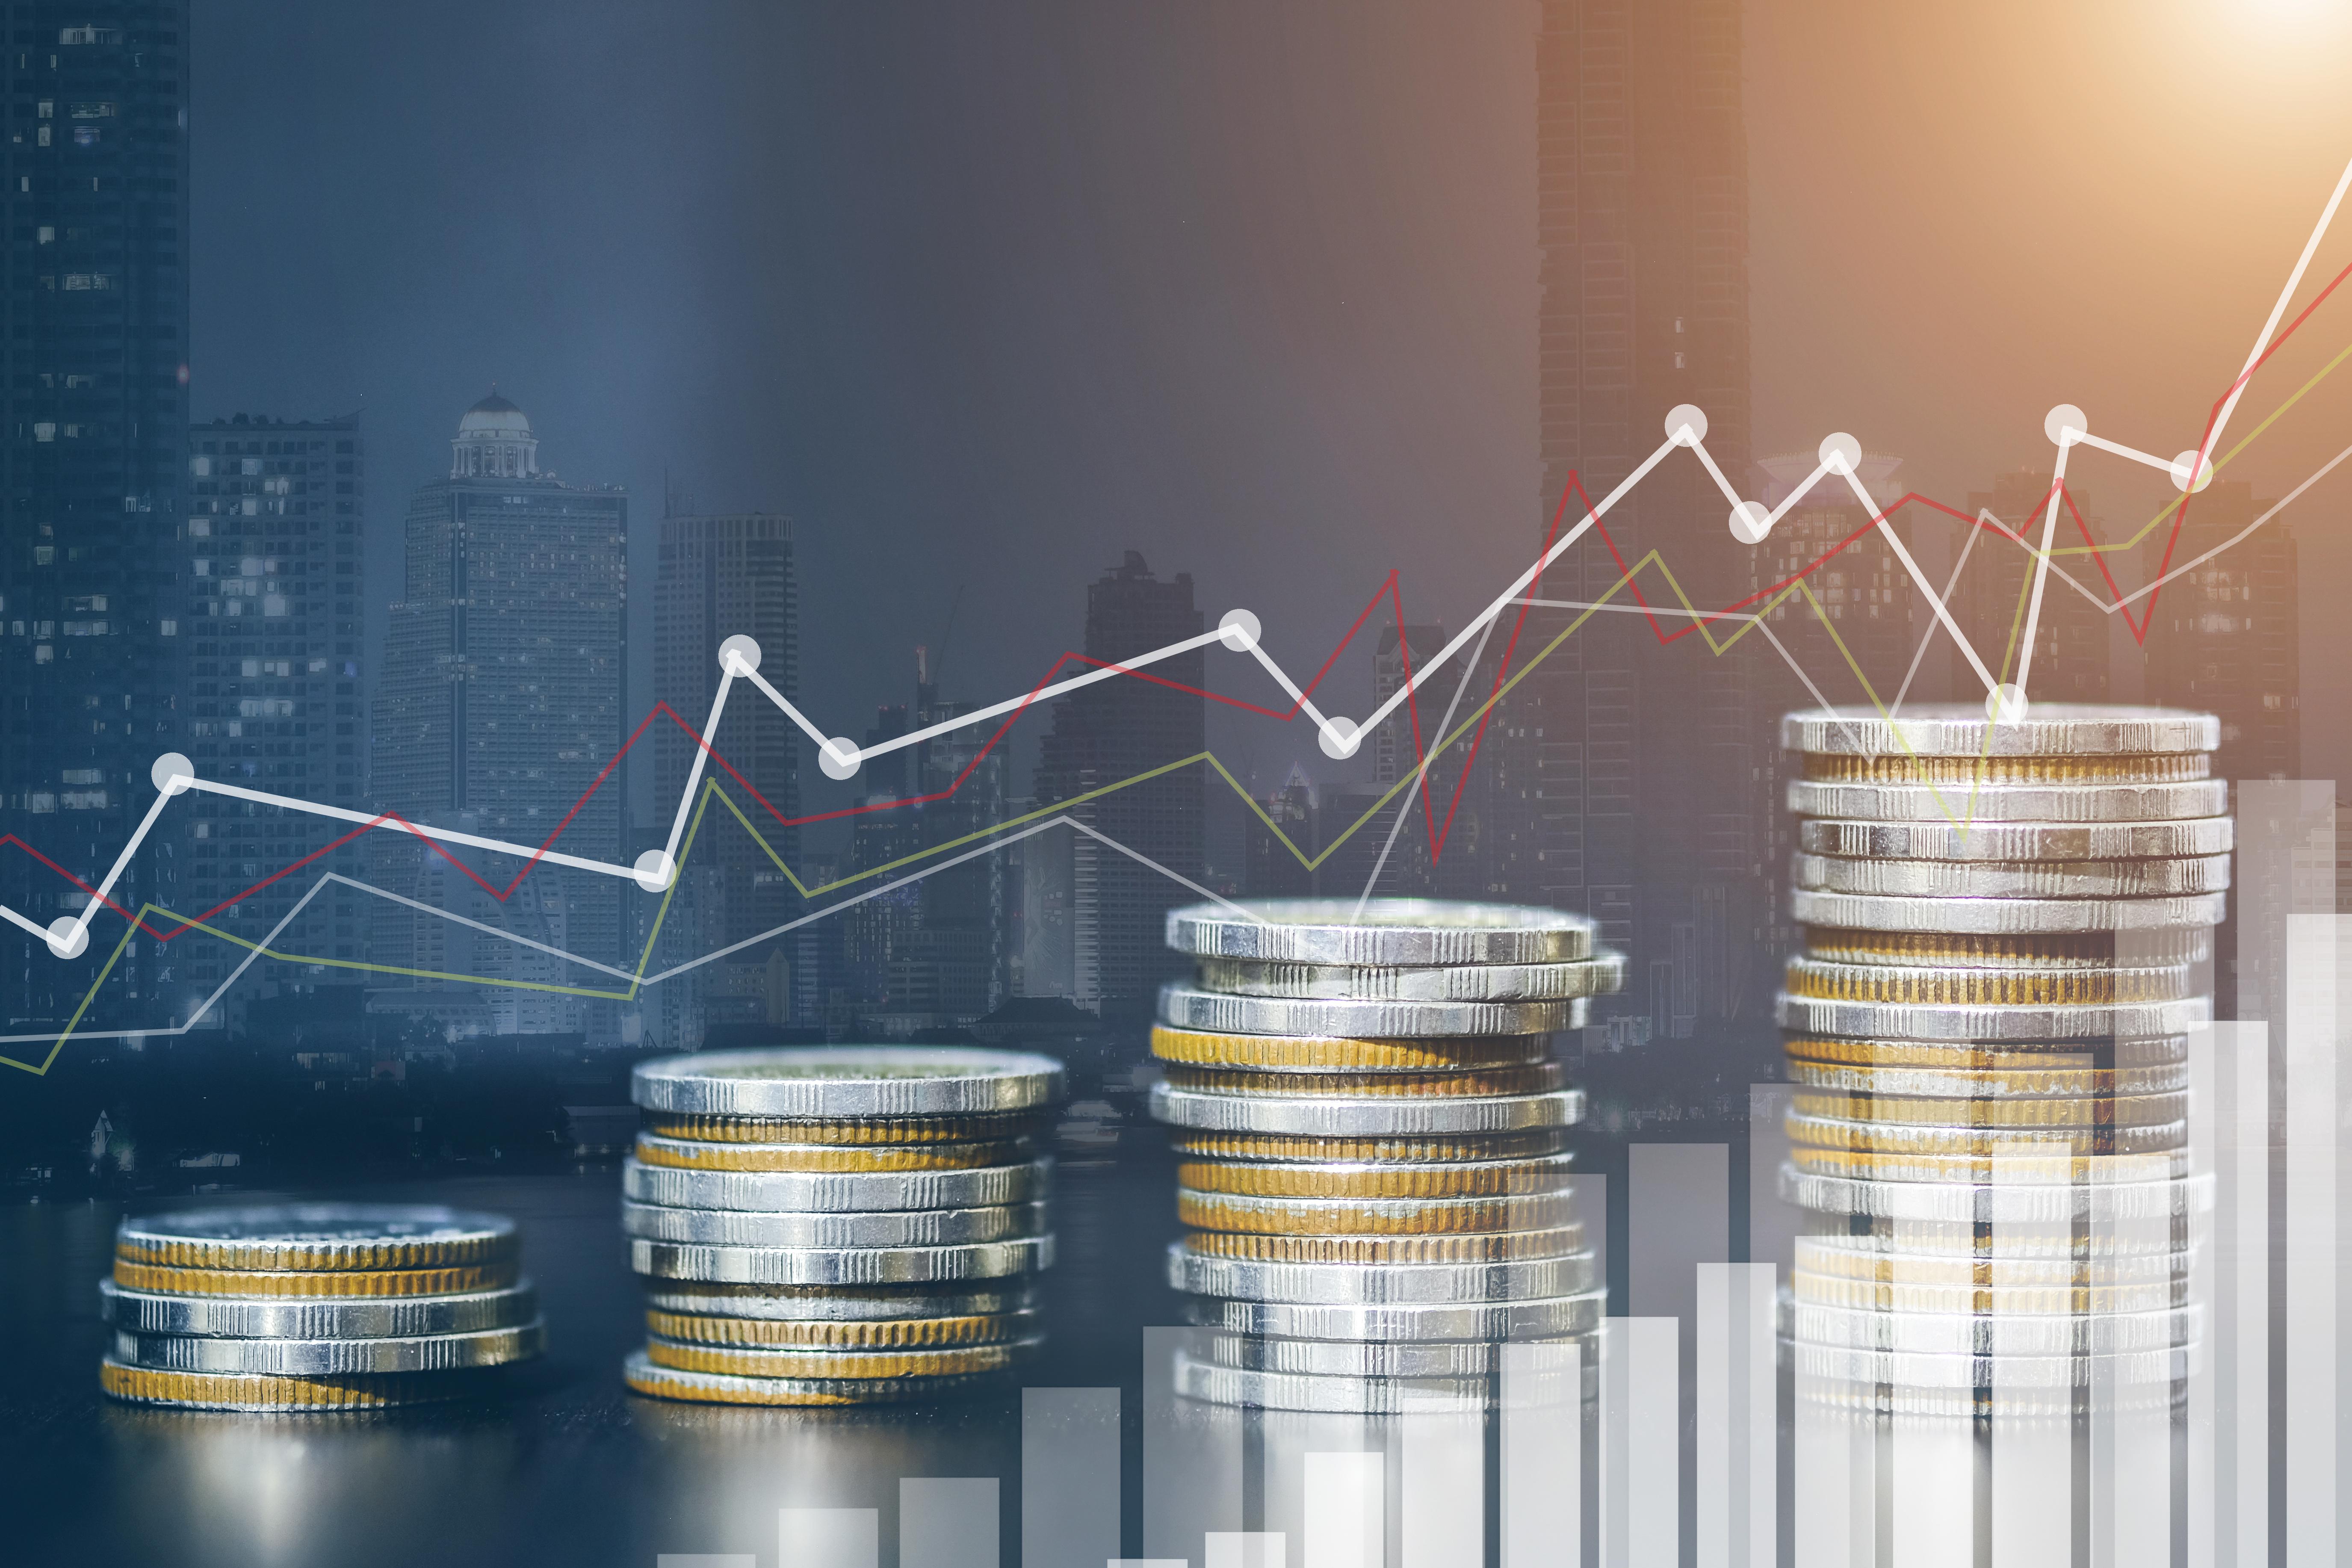 ドルコスト平均法のデメリット・メリット一覧と仮想通貨積立の始め方